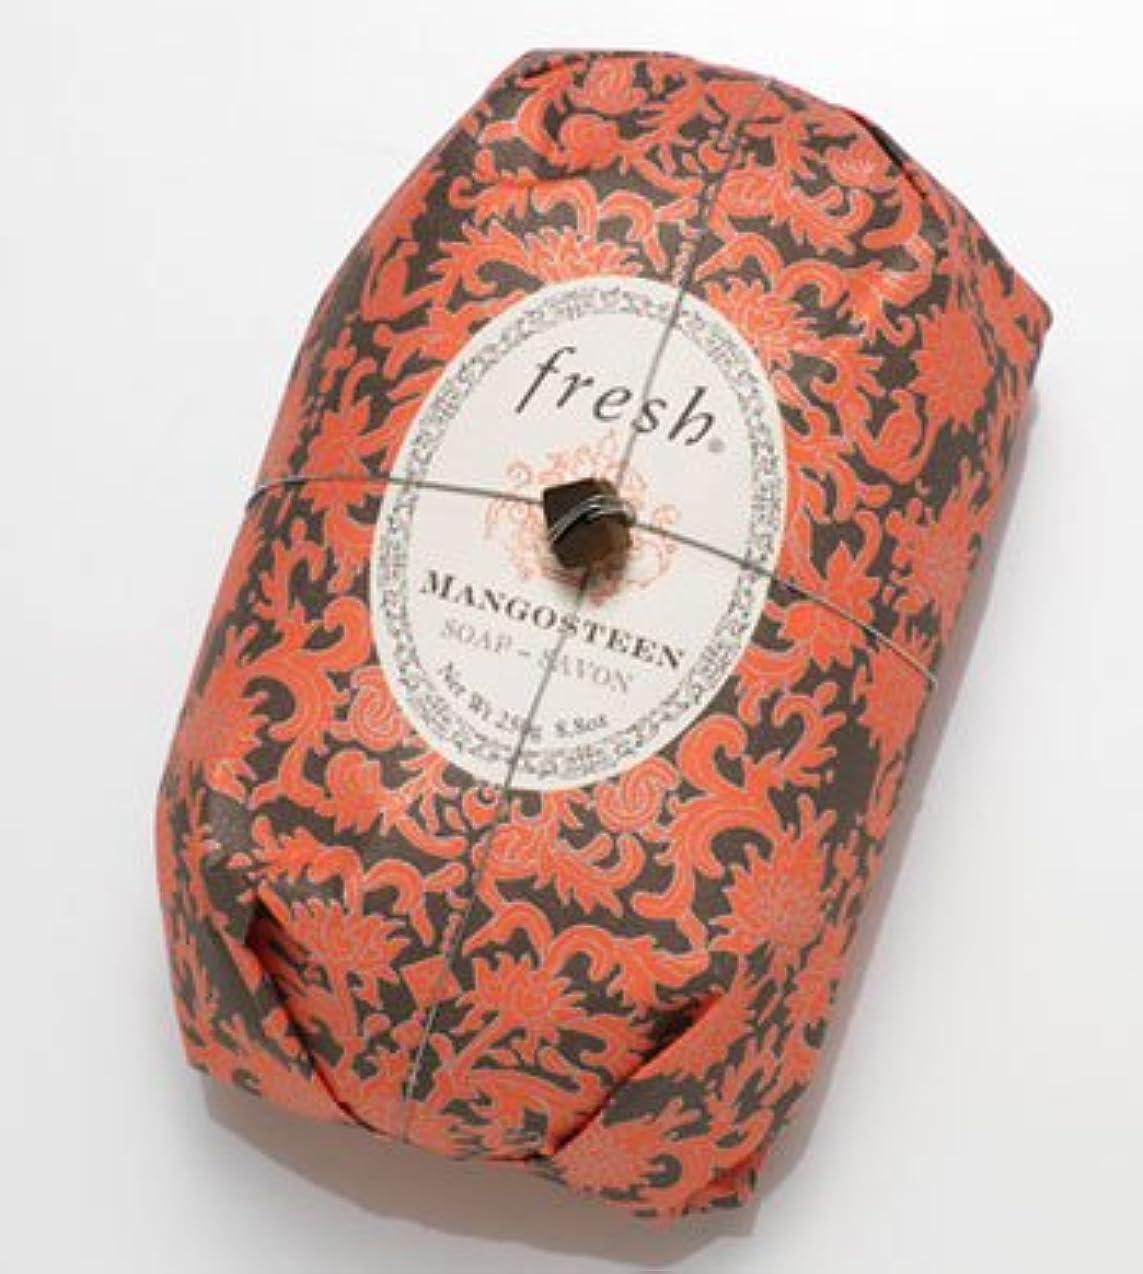 慈悲神経障害入場料Fresh MANGOSTEEN SOAP (フレッシュ マンゴスチーン ソープ) 8.8 oz (250g) Soap (石鹸) by Fresh